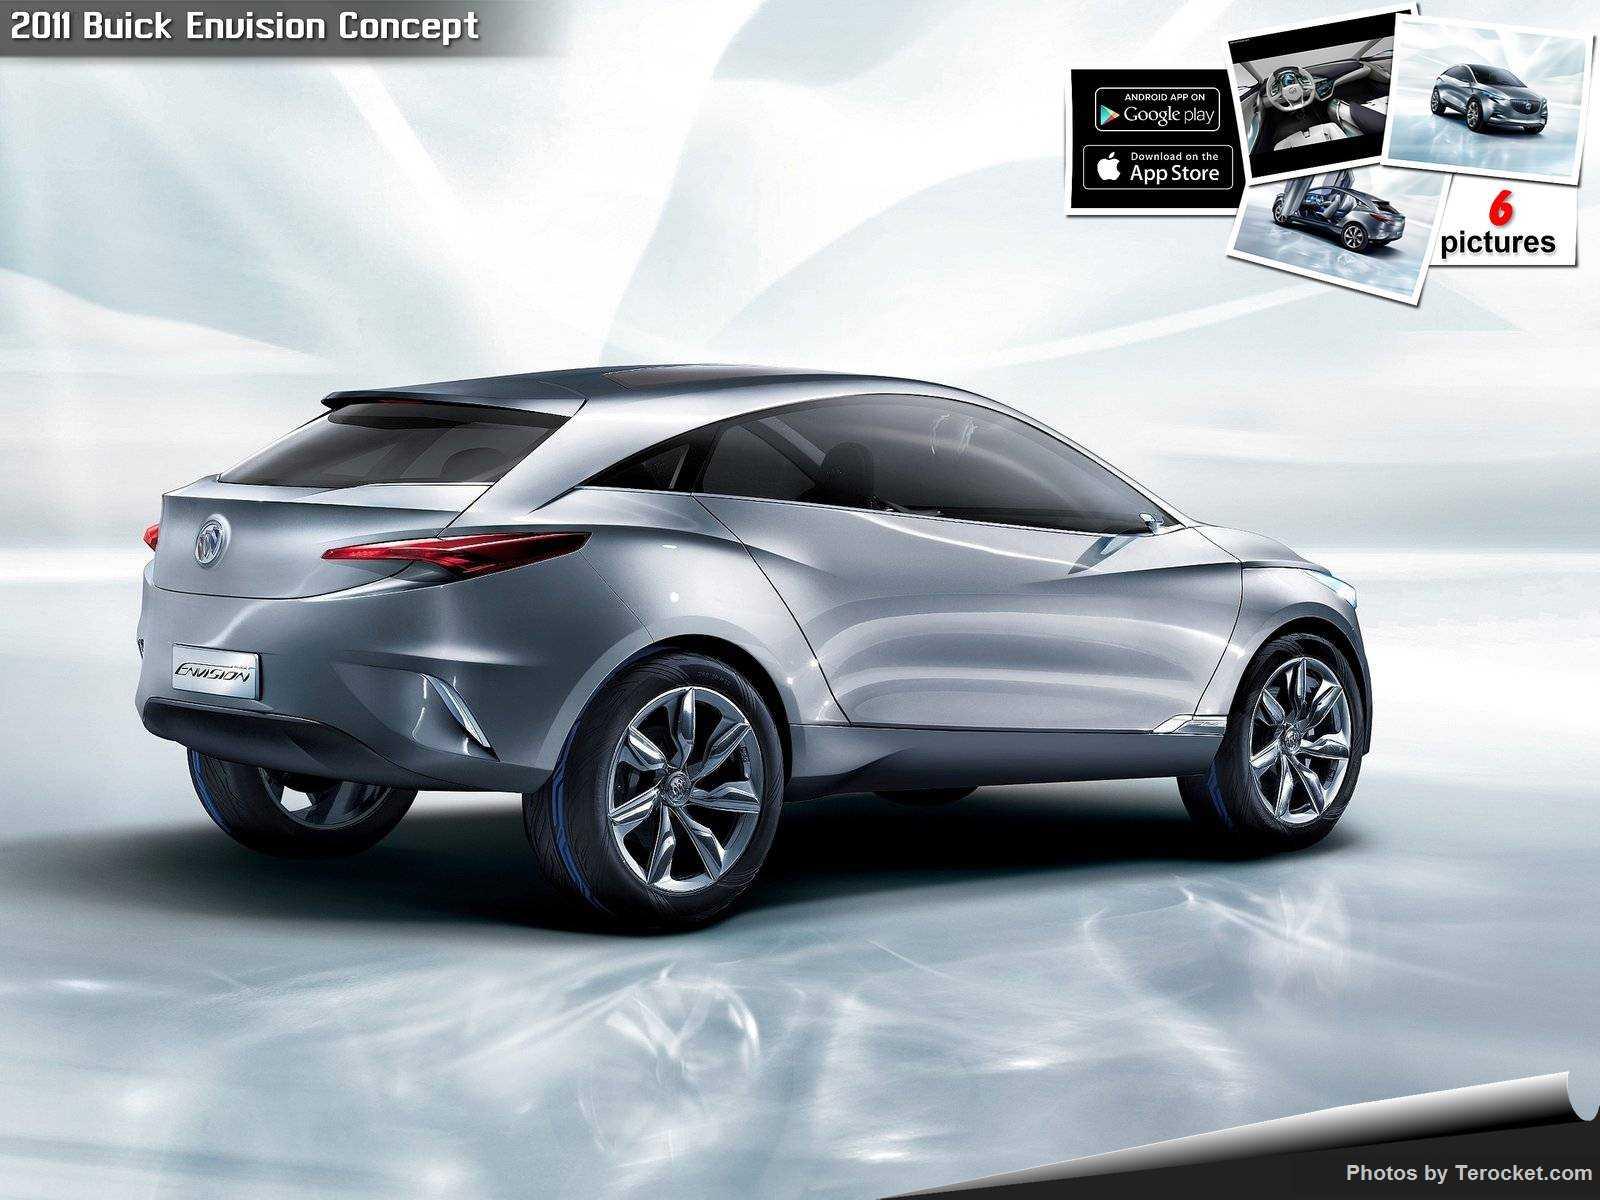 Hình ảnh xe ô tô Buick Envision Concept 2011 & nội ngoại thất